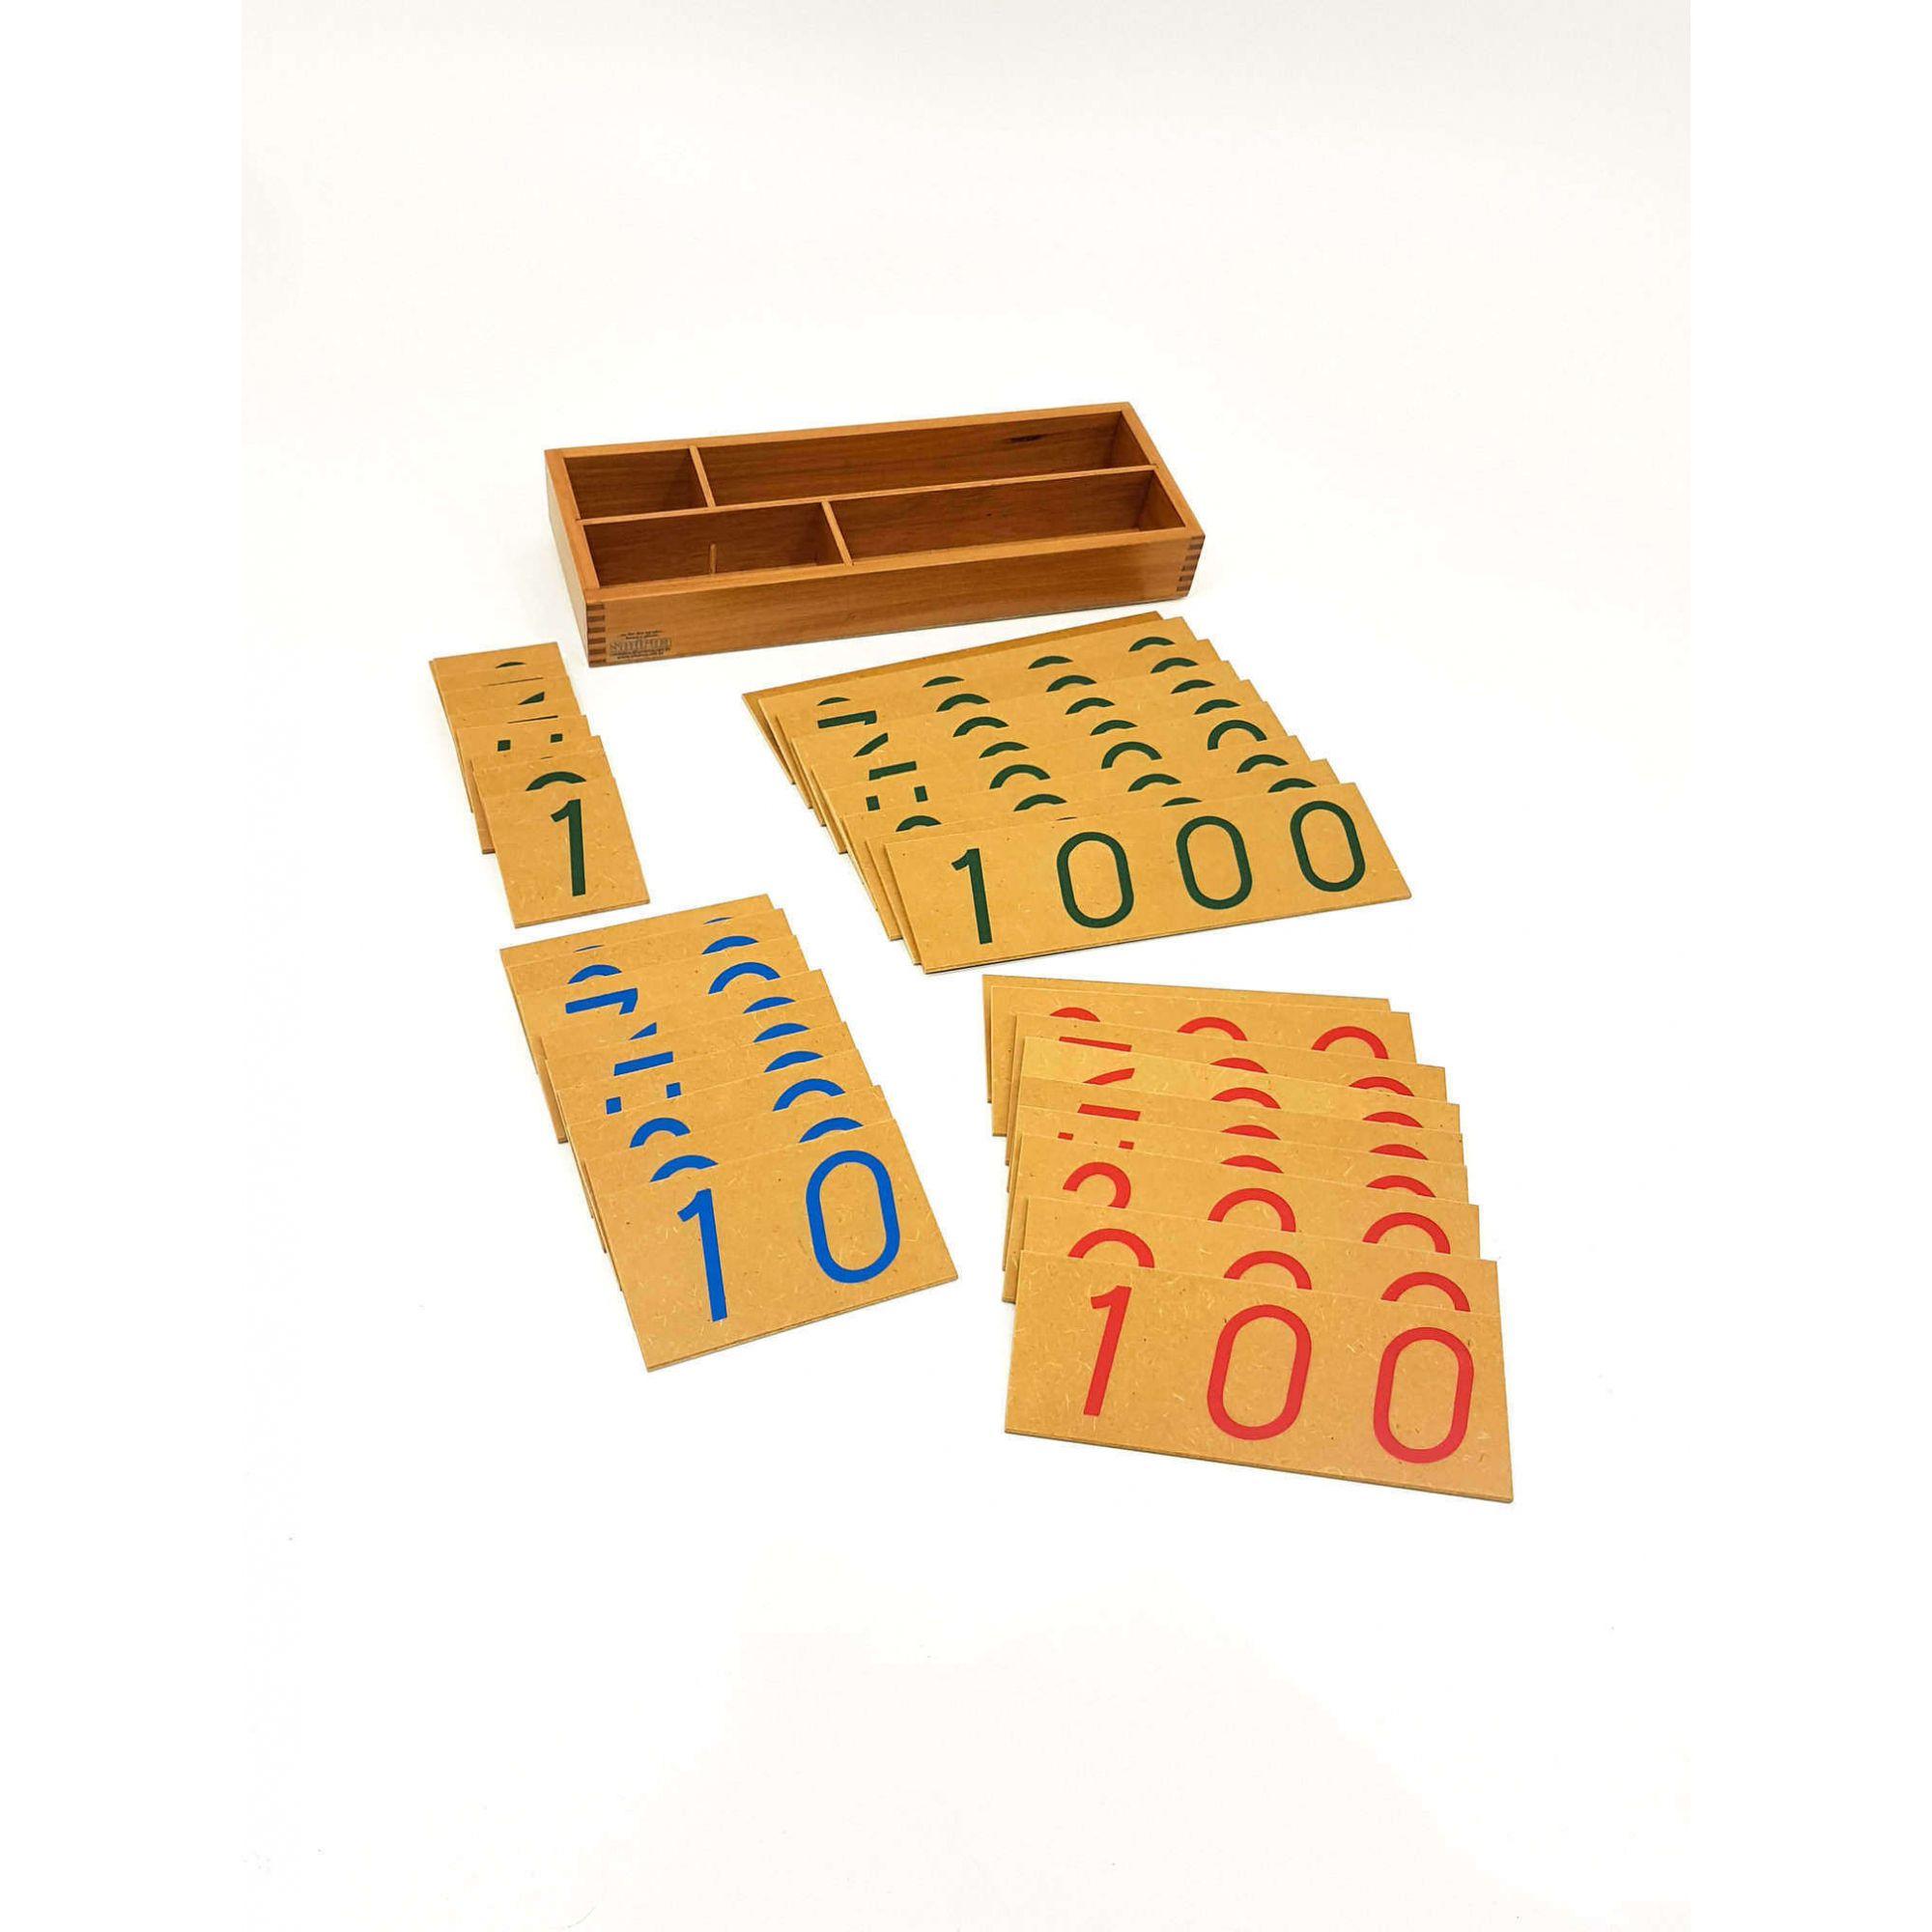 Kit Introdução ao Sistema de Numeração Decimal